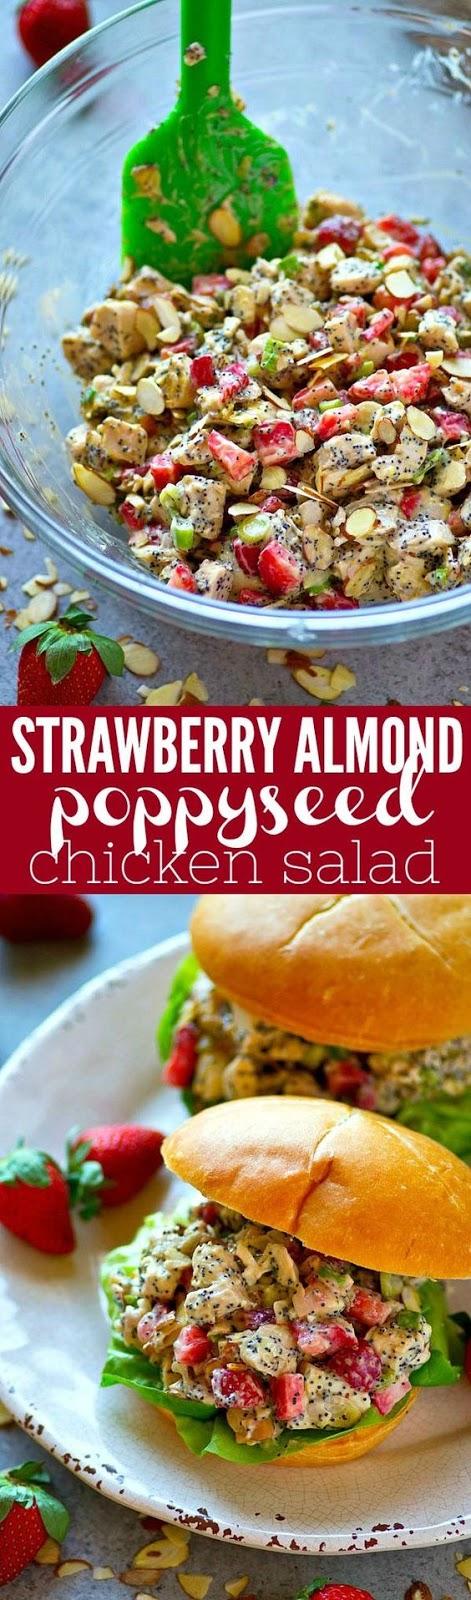 Strawberry Almond Poppyseed Chicken Salad